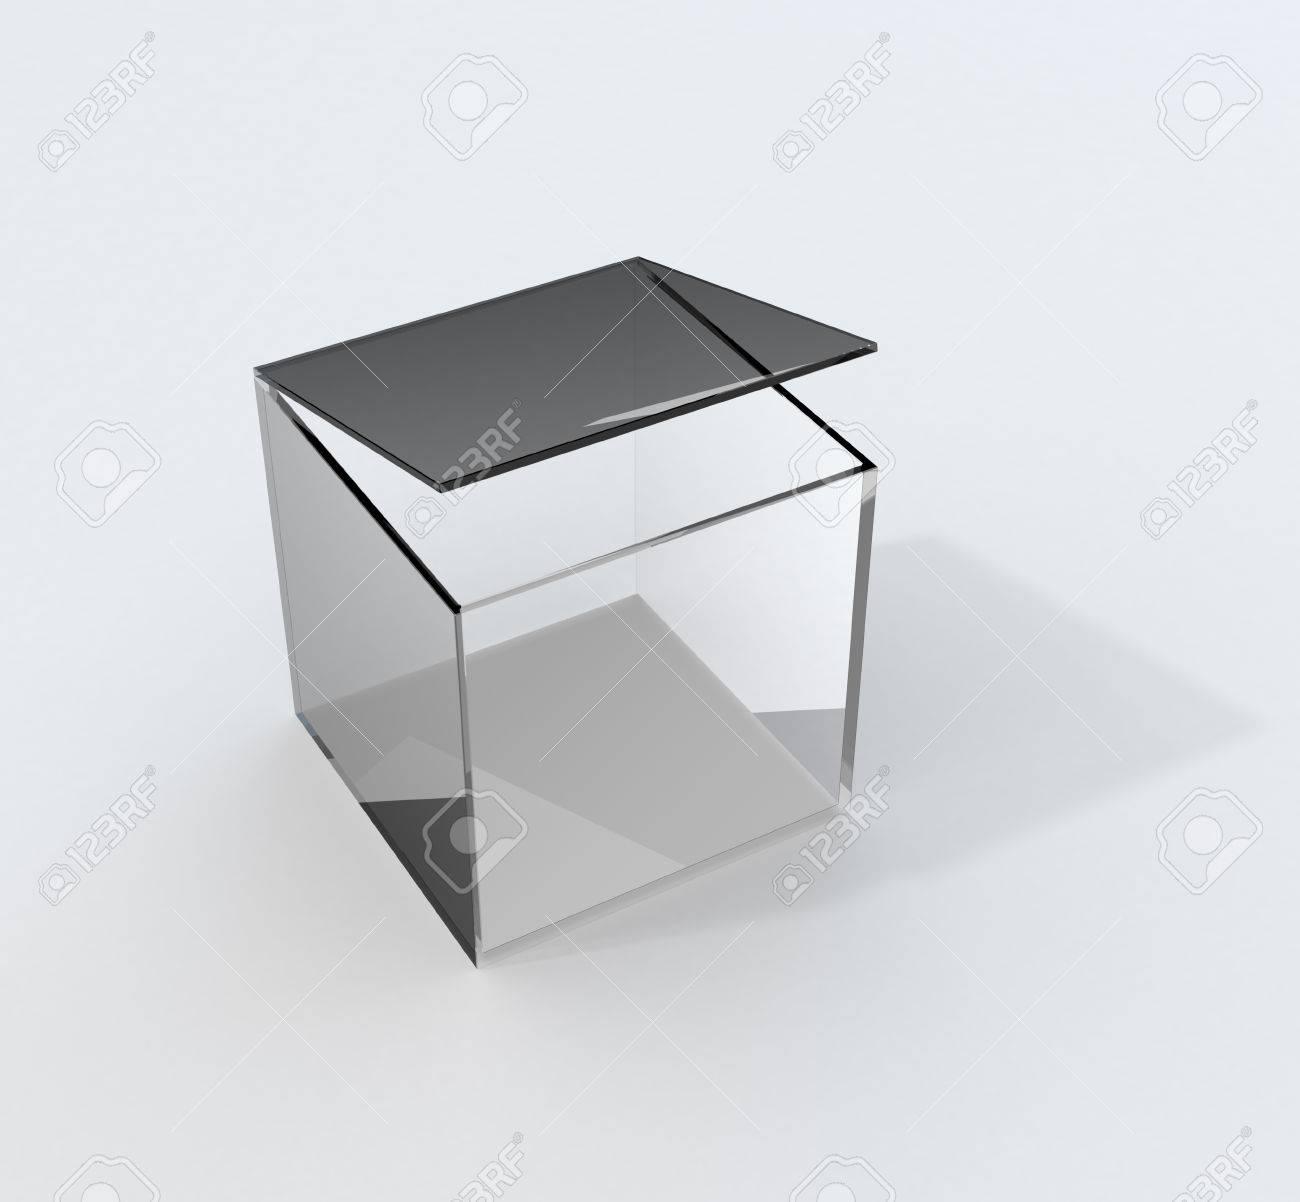 Glazen Kubus Met Foto.Gea Soleerde Grijze Glazen Kubus Met Deksel